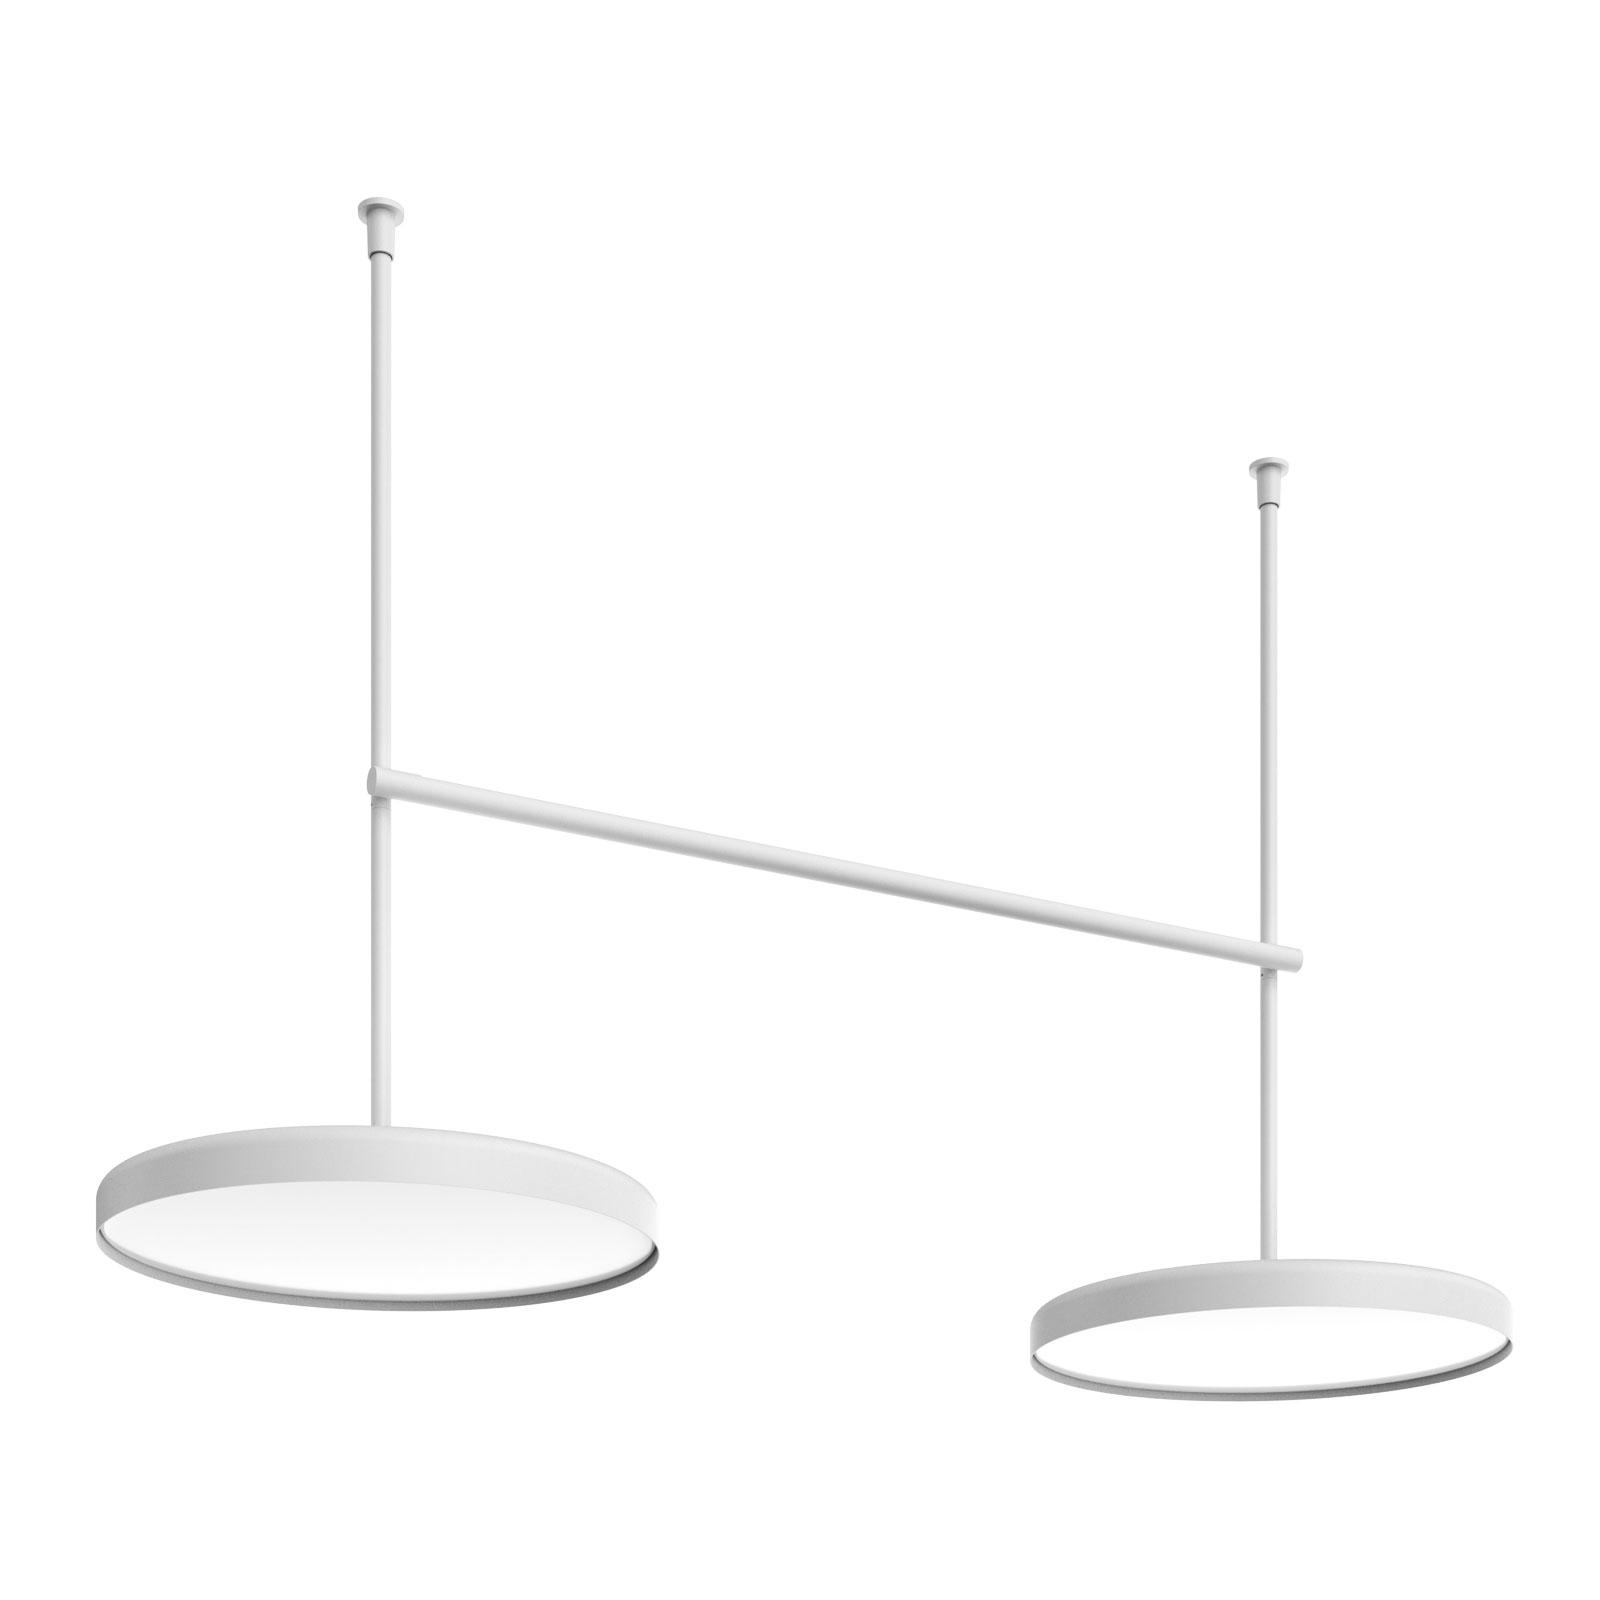 FLOS Infra-Structure C4 LED-Deckenlampe weiß